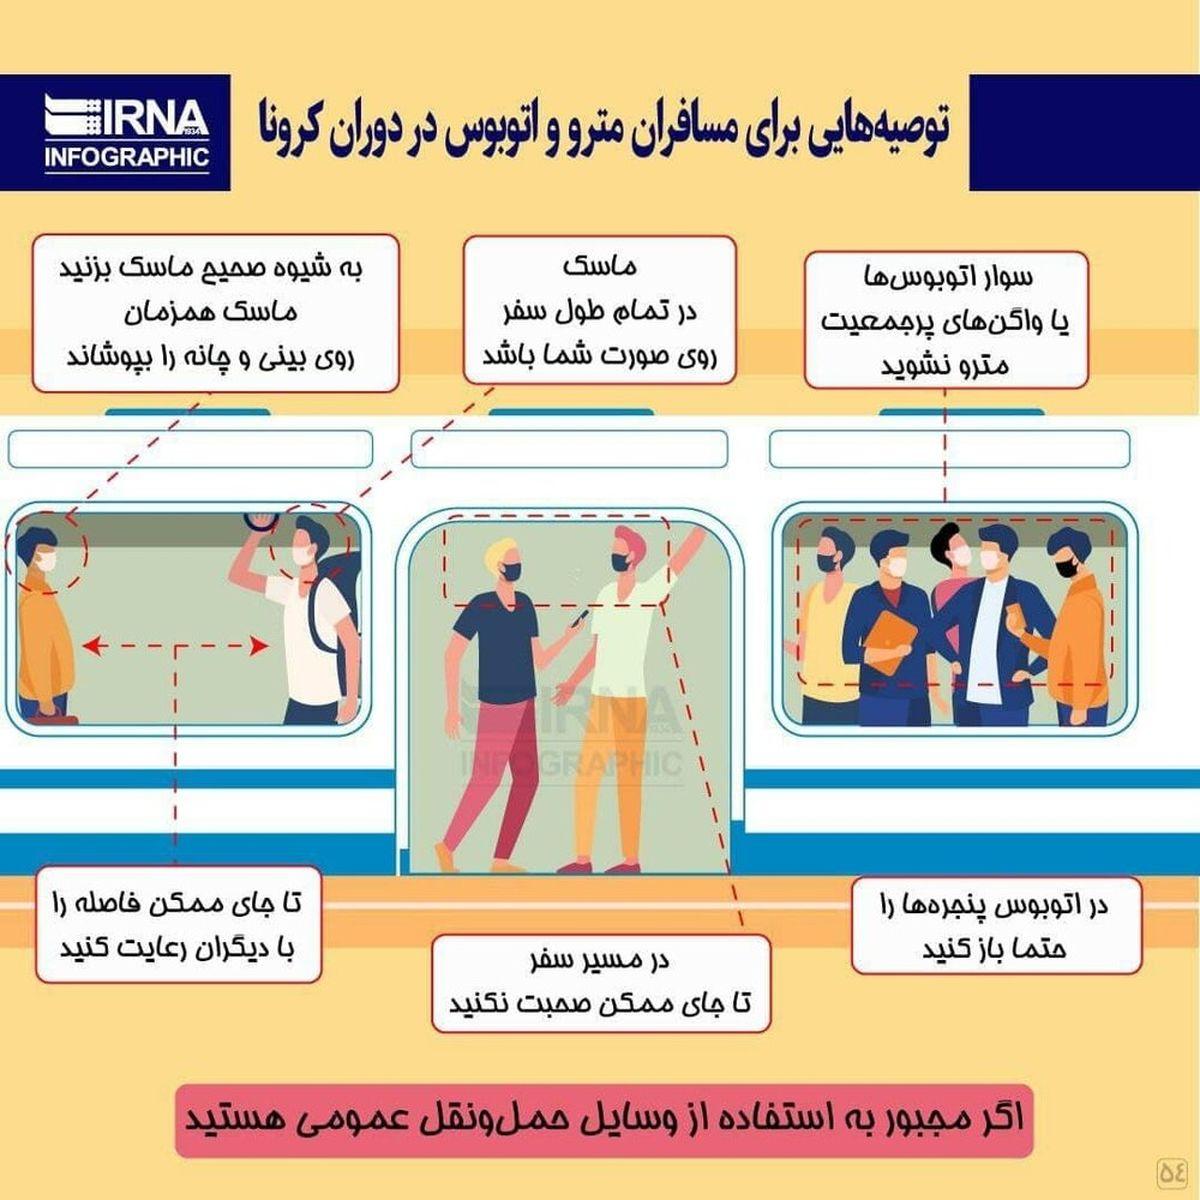 توصیه های مهم برای  مسافران مترو و اتوبوس